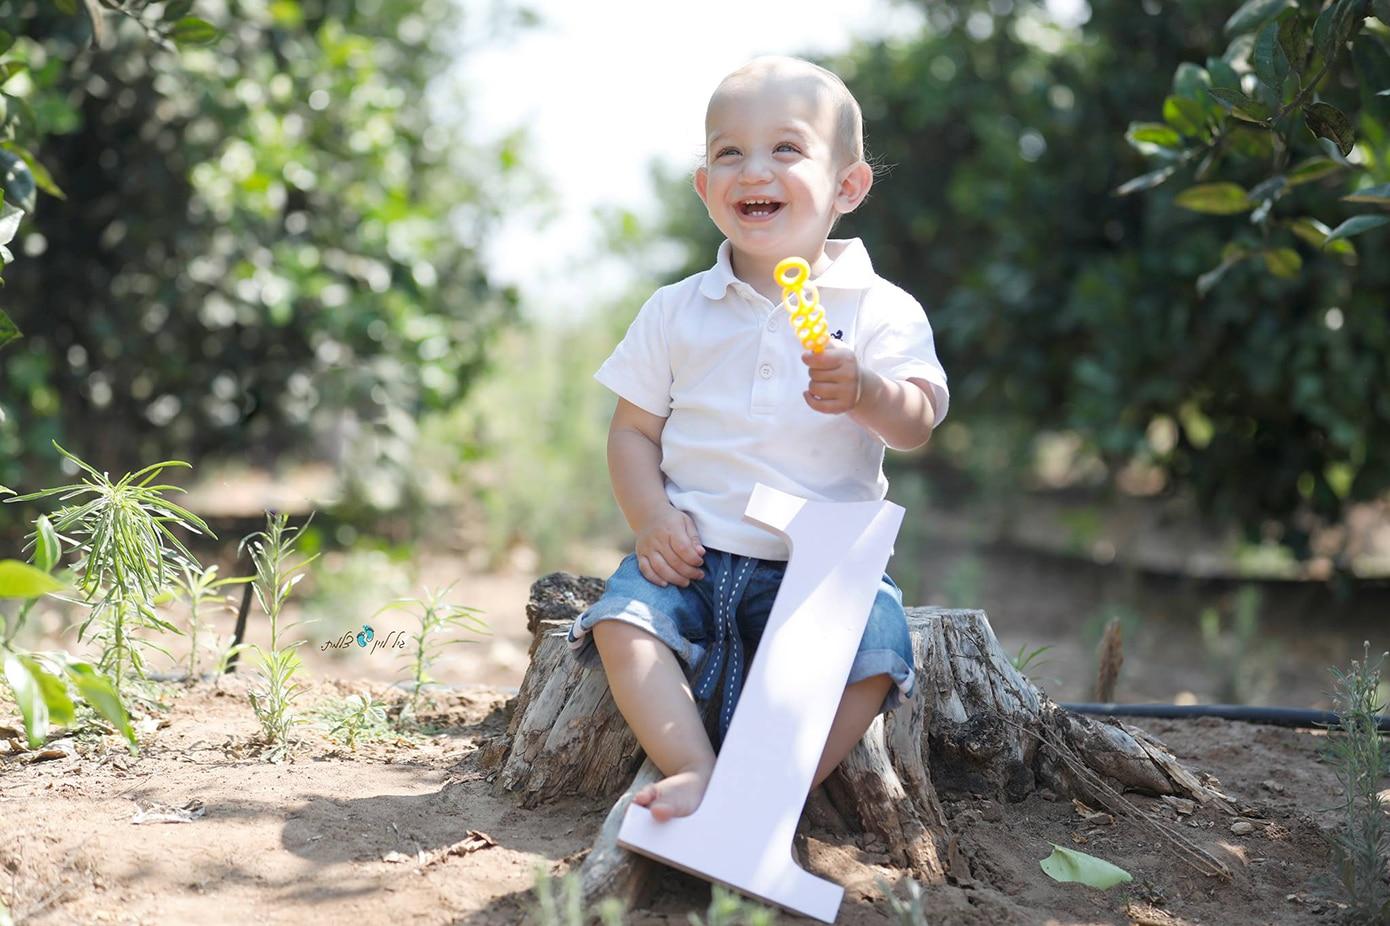 משפחת דותן - לקוחות מספרים סטודיו גיל לוין (6)